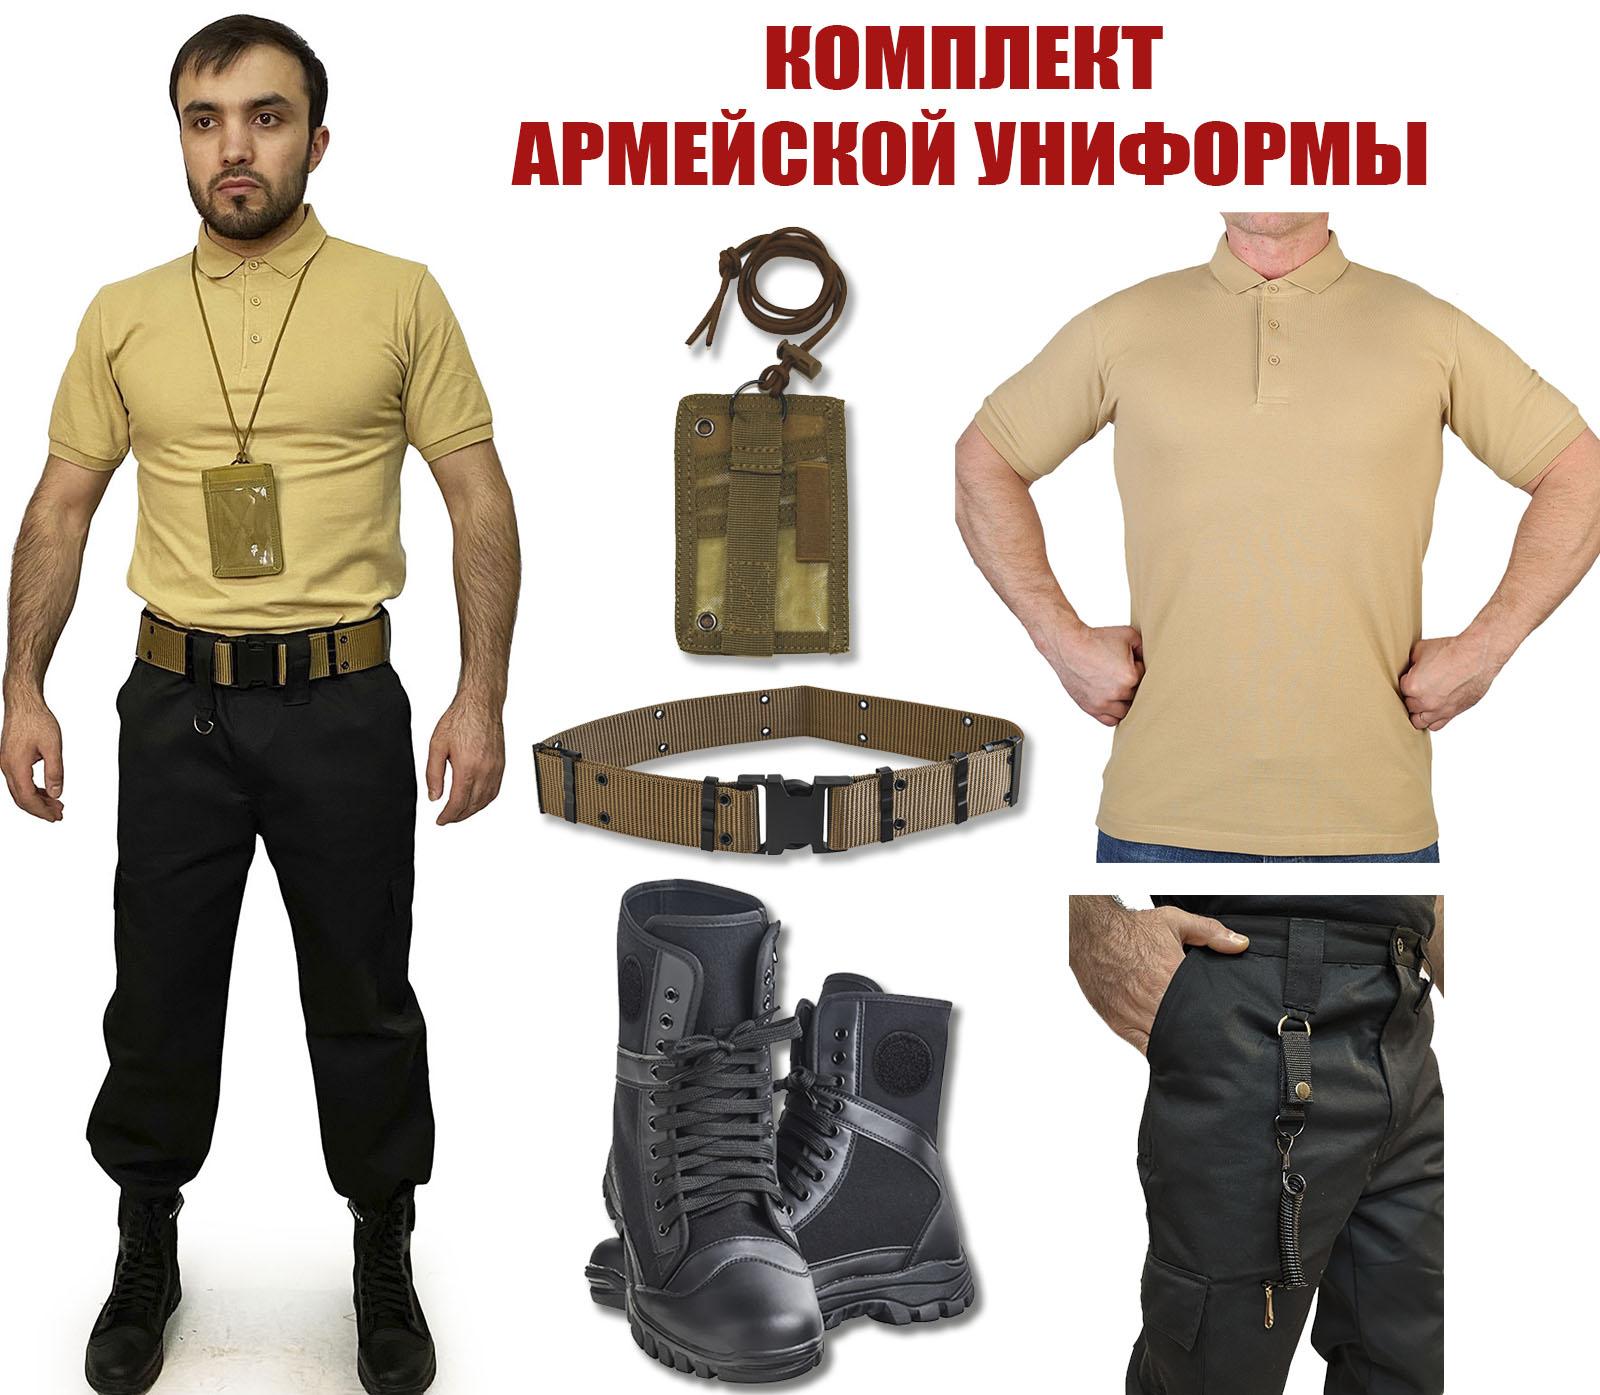 Комплект армейской униформы